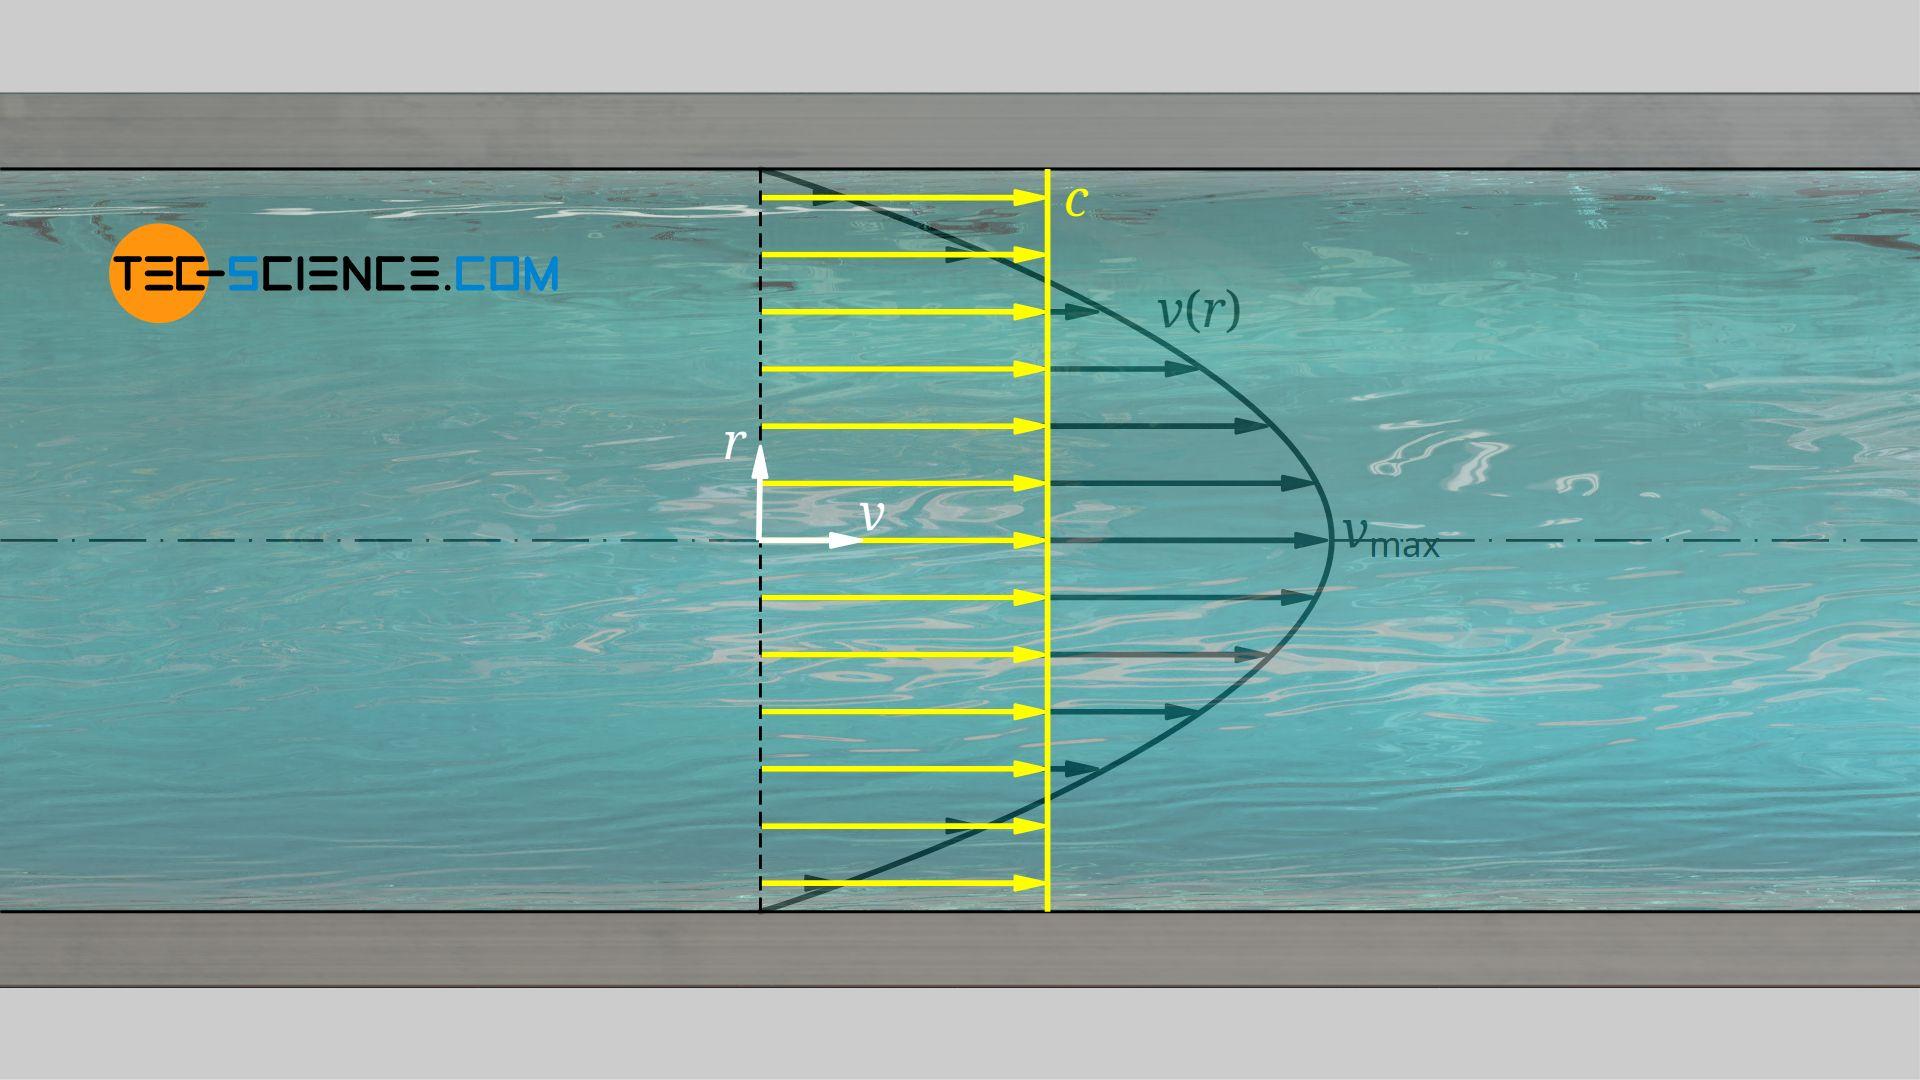 Parabelförmiges Geschwindigkeitsprofil und mittlere Strömungsgeschwindigkeit einer Hagen-Poiseuille Strömung